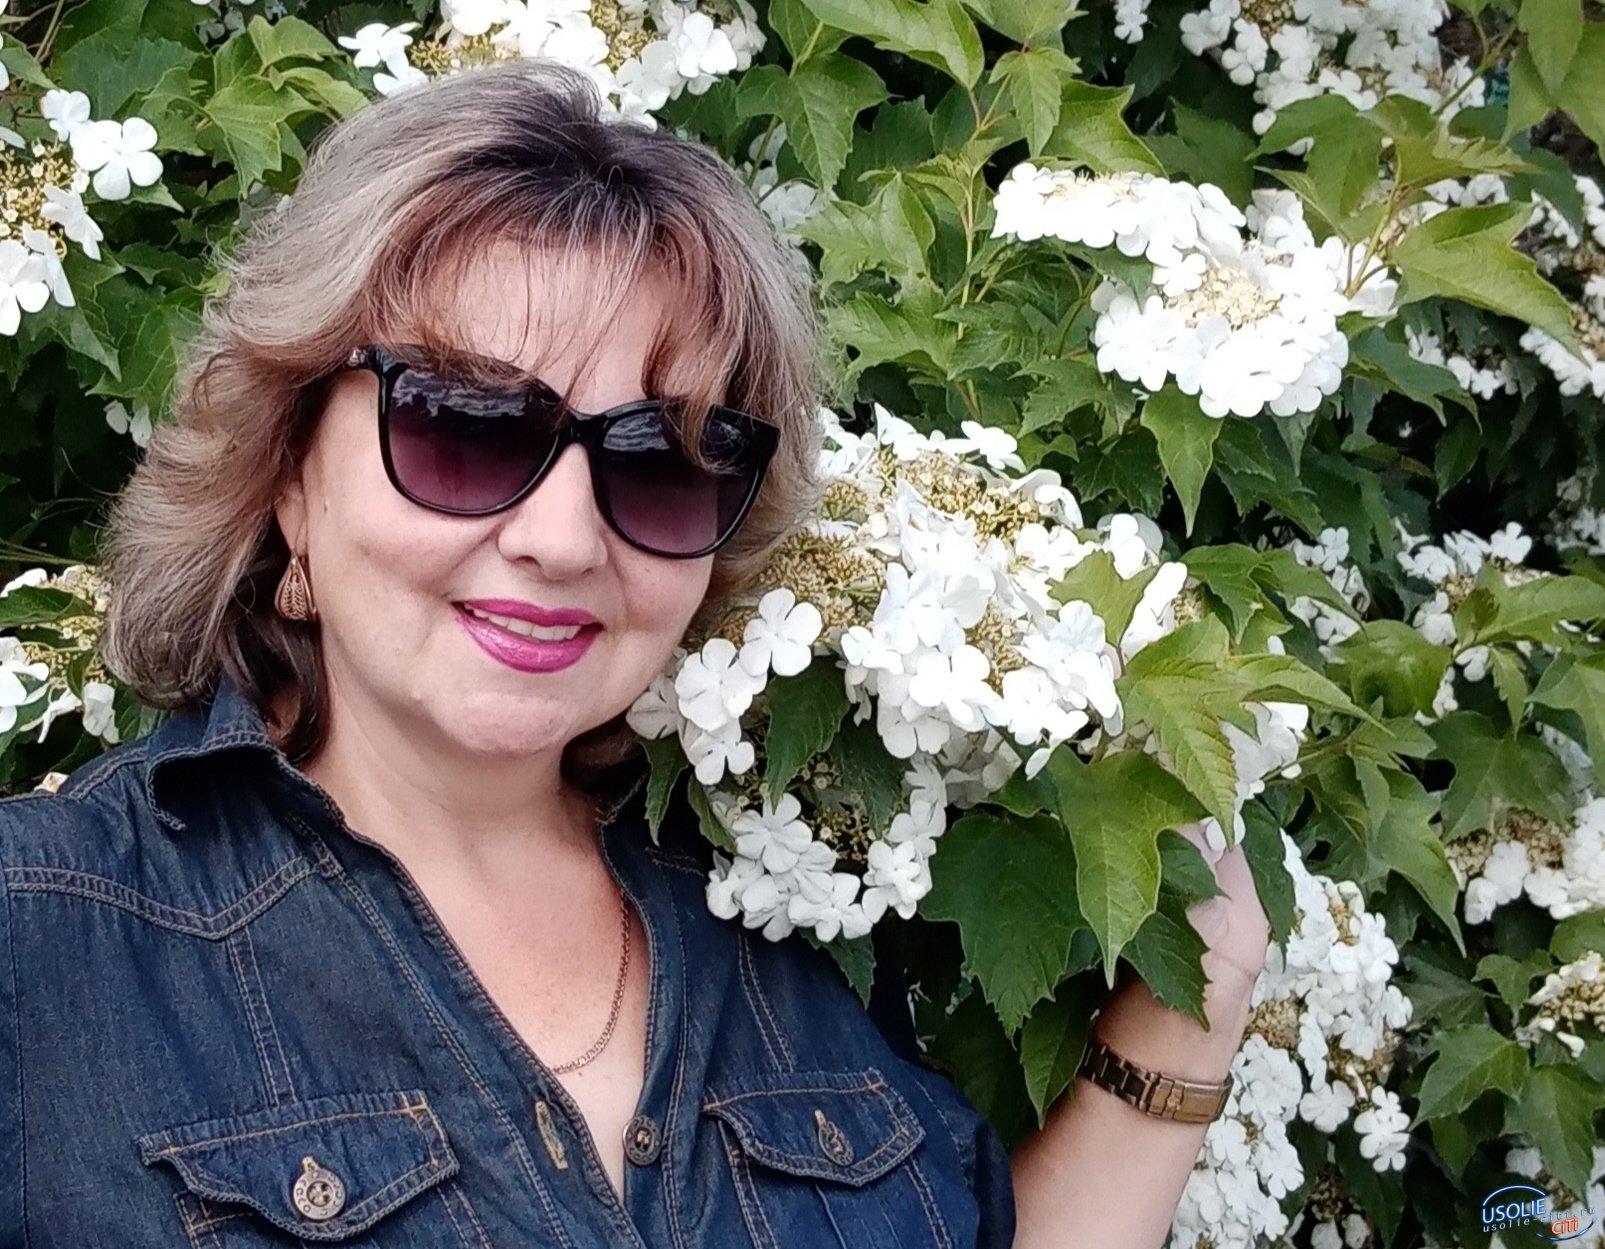 Конкурс «Дачные секреты» Усолья от Евгении Никитиной: Просто говорите добрые слова!